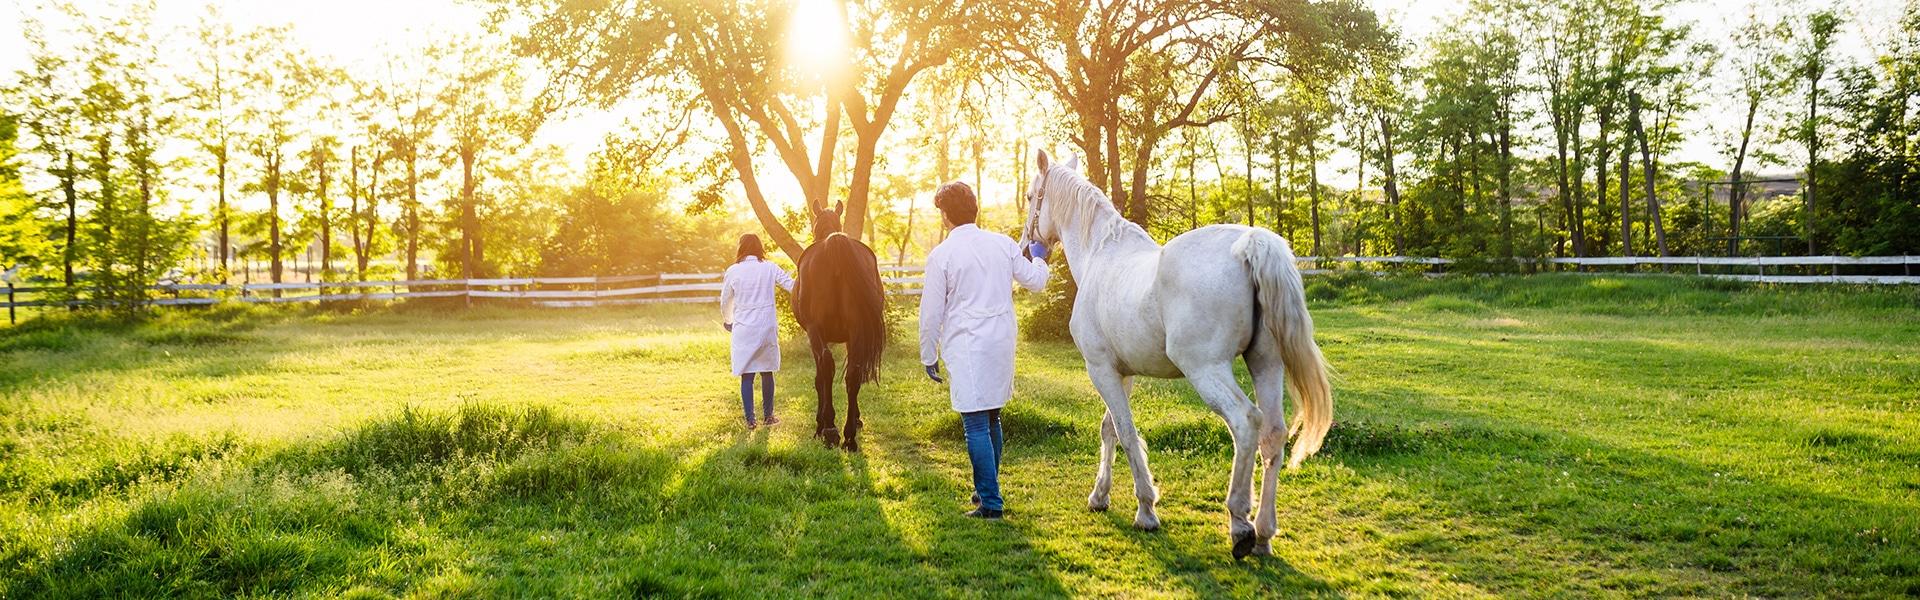 Zwei Tierärzte mit zwei Pferden